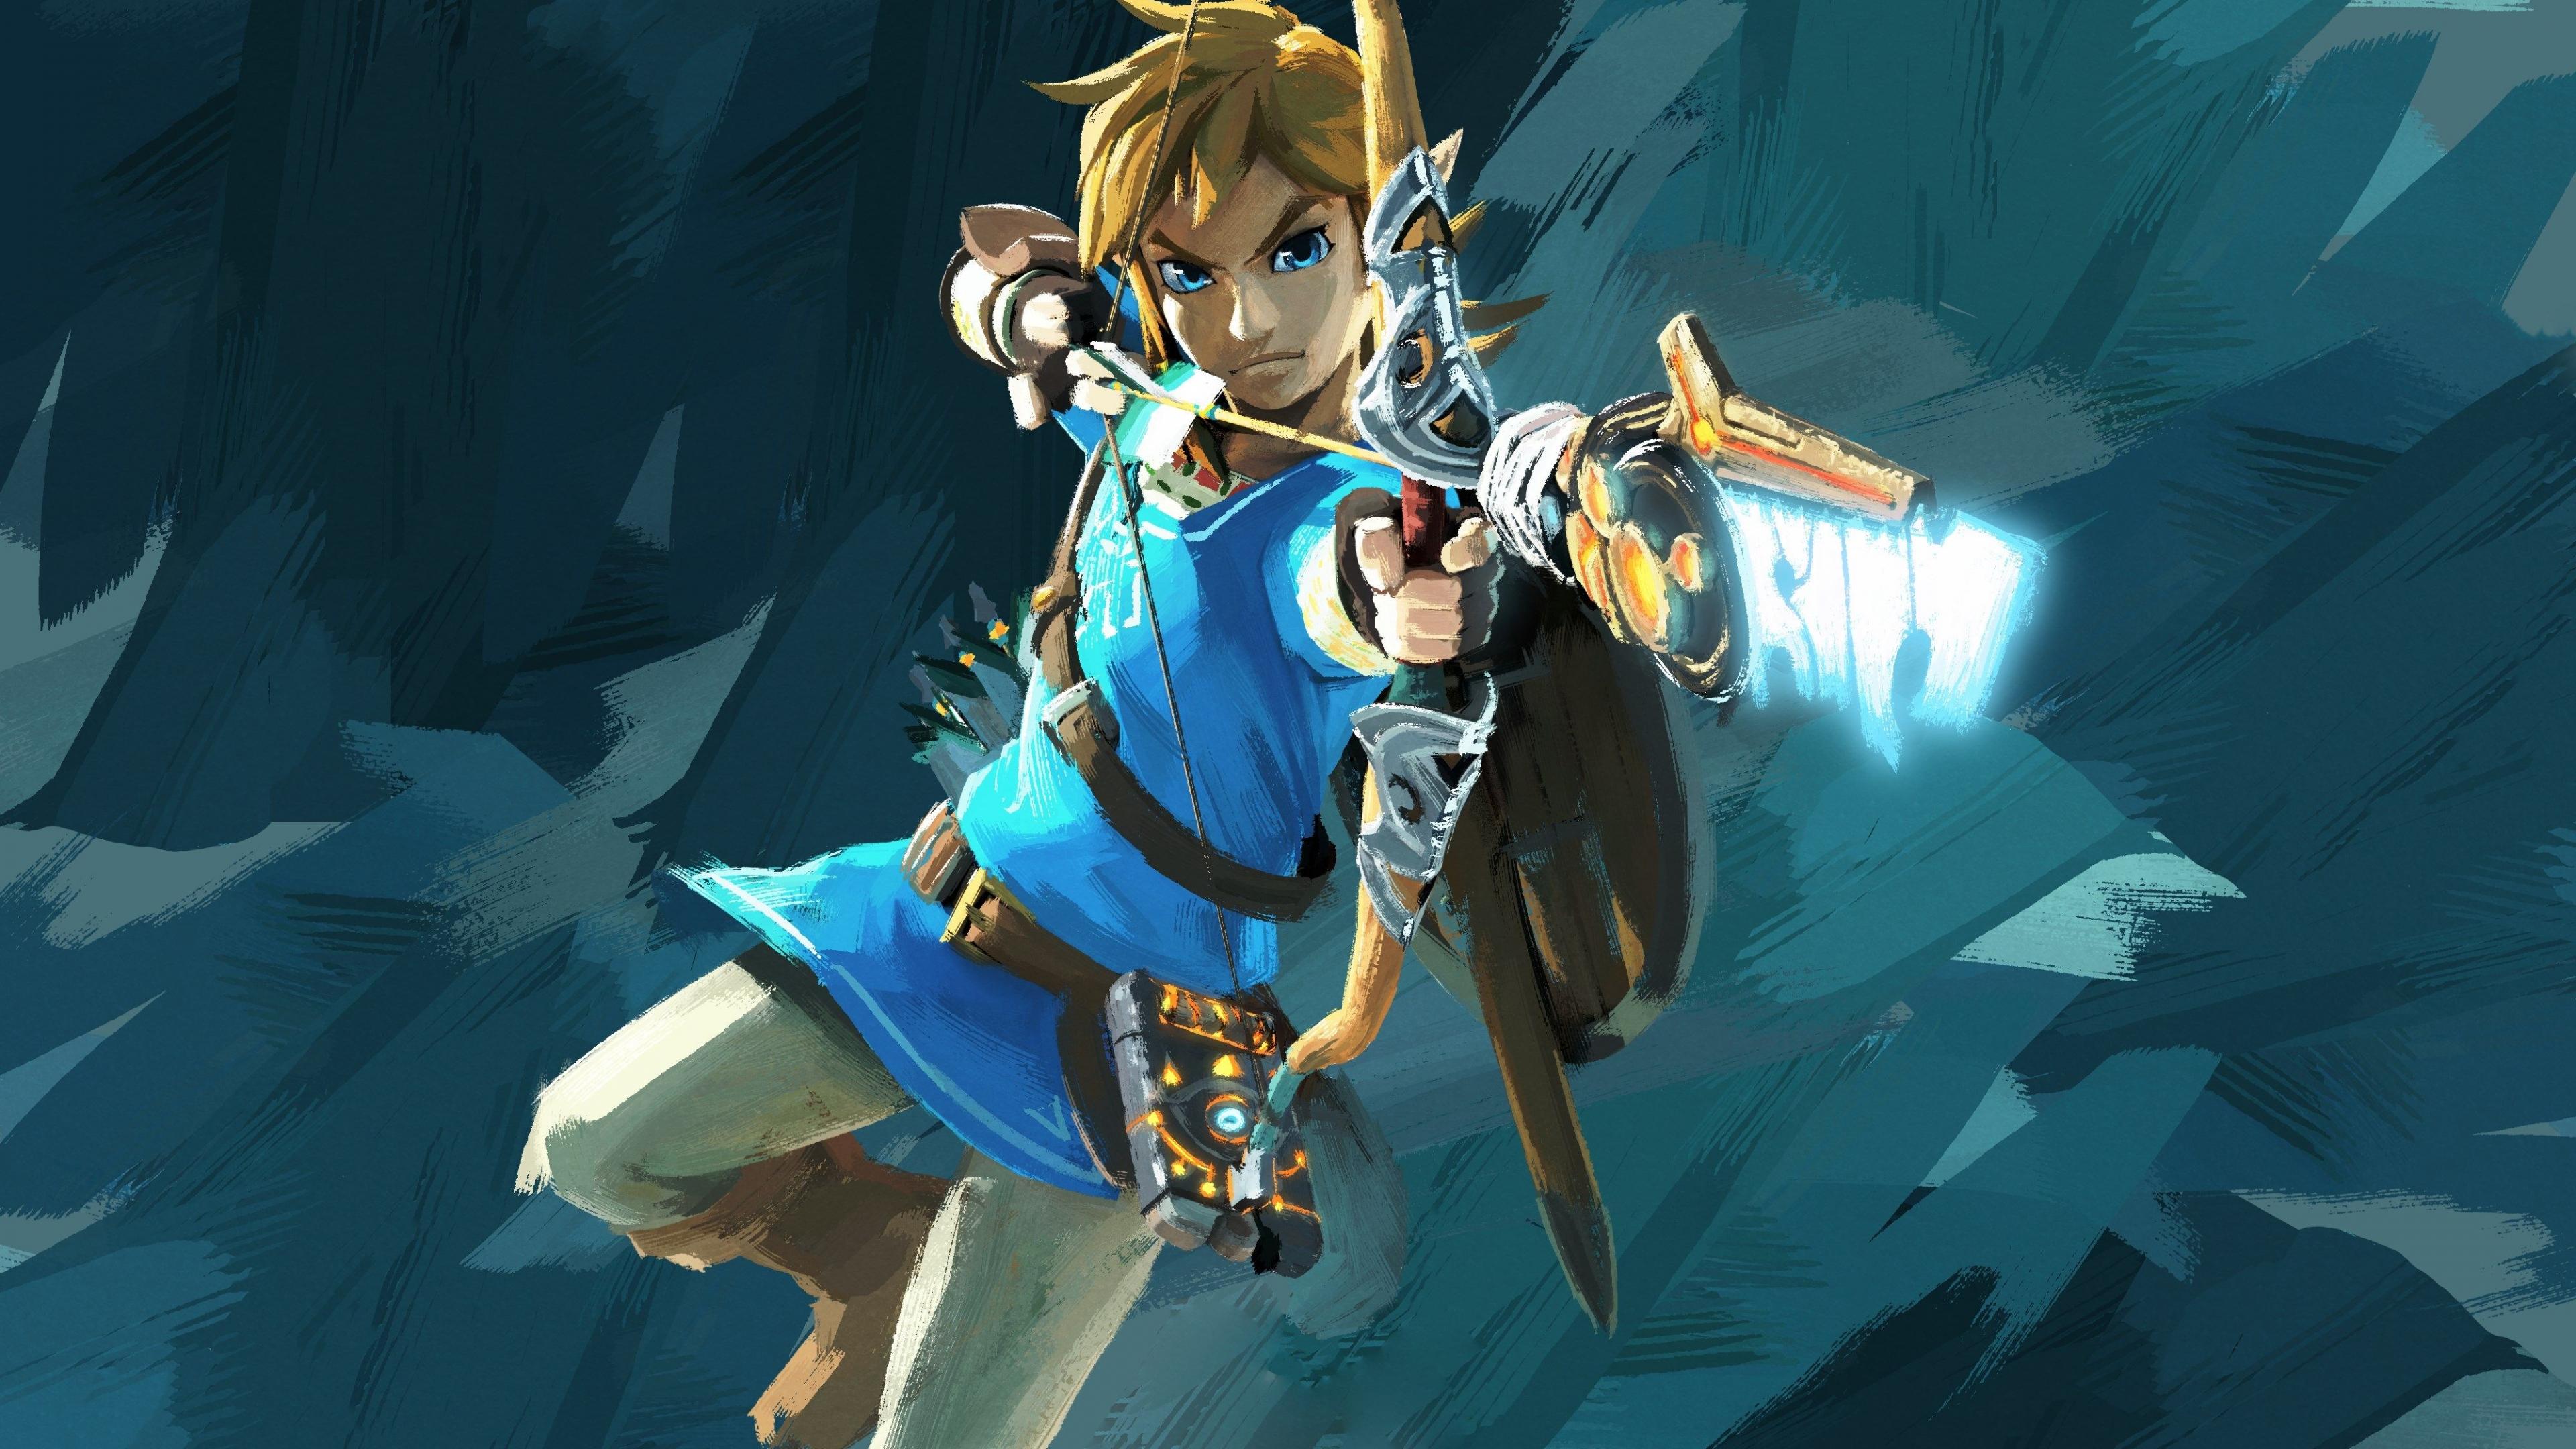 The Legend Of Zelda Wallpaper ID:4067